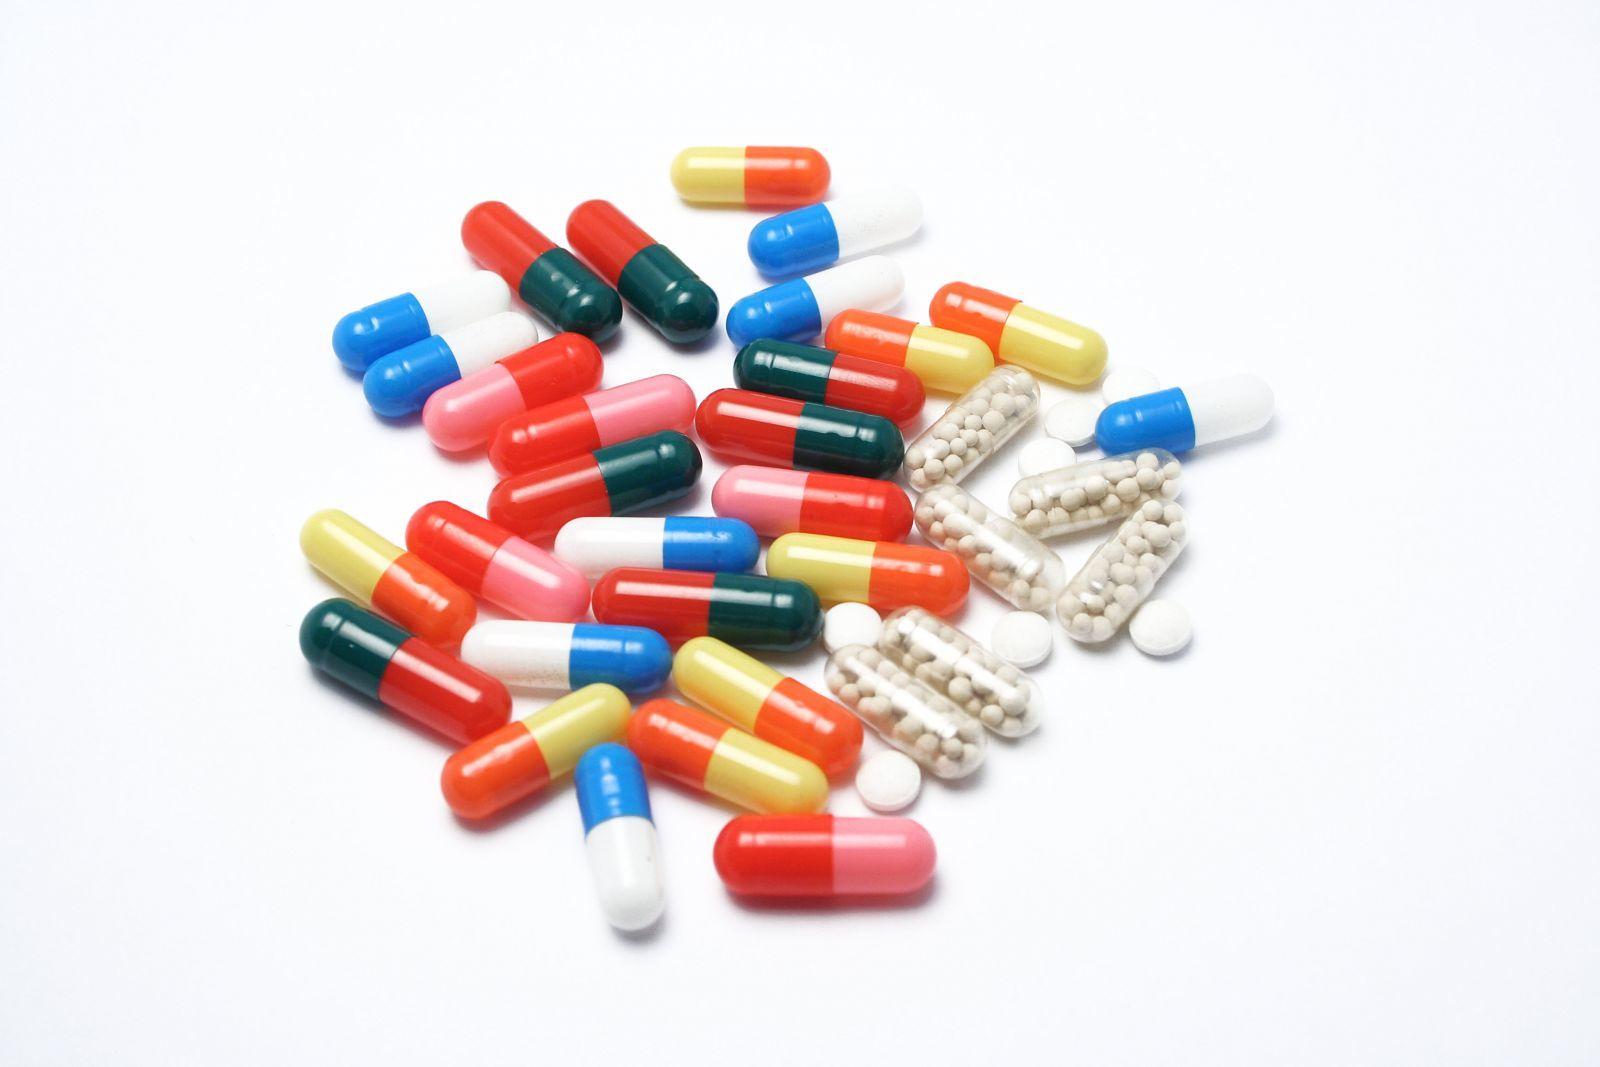 rối loạn tiêu hóa, tác dụng phụ, tâm thần, tiểu tiện